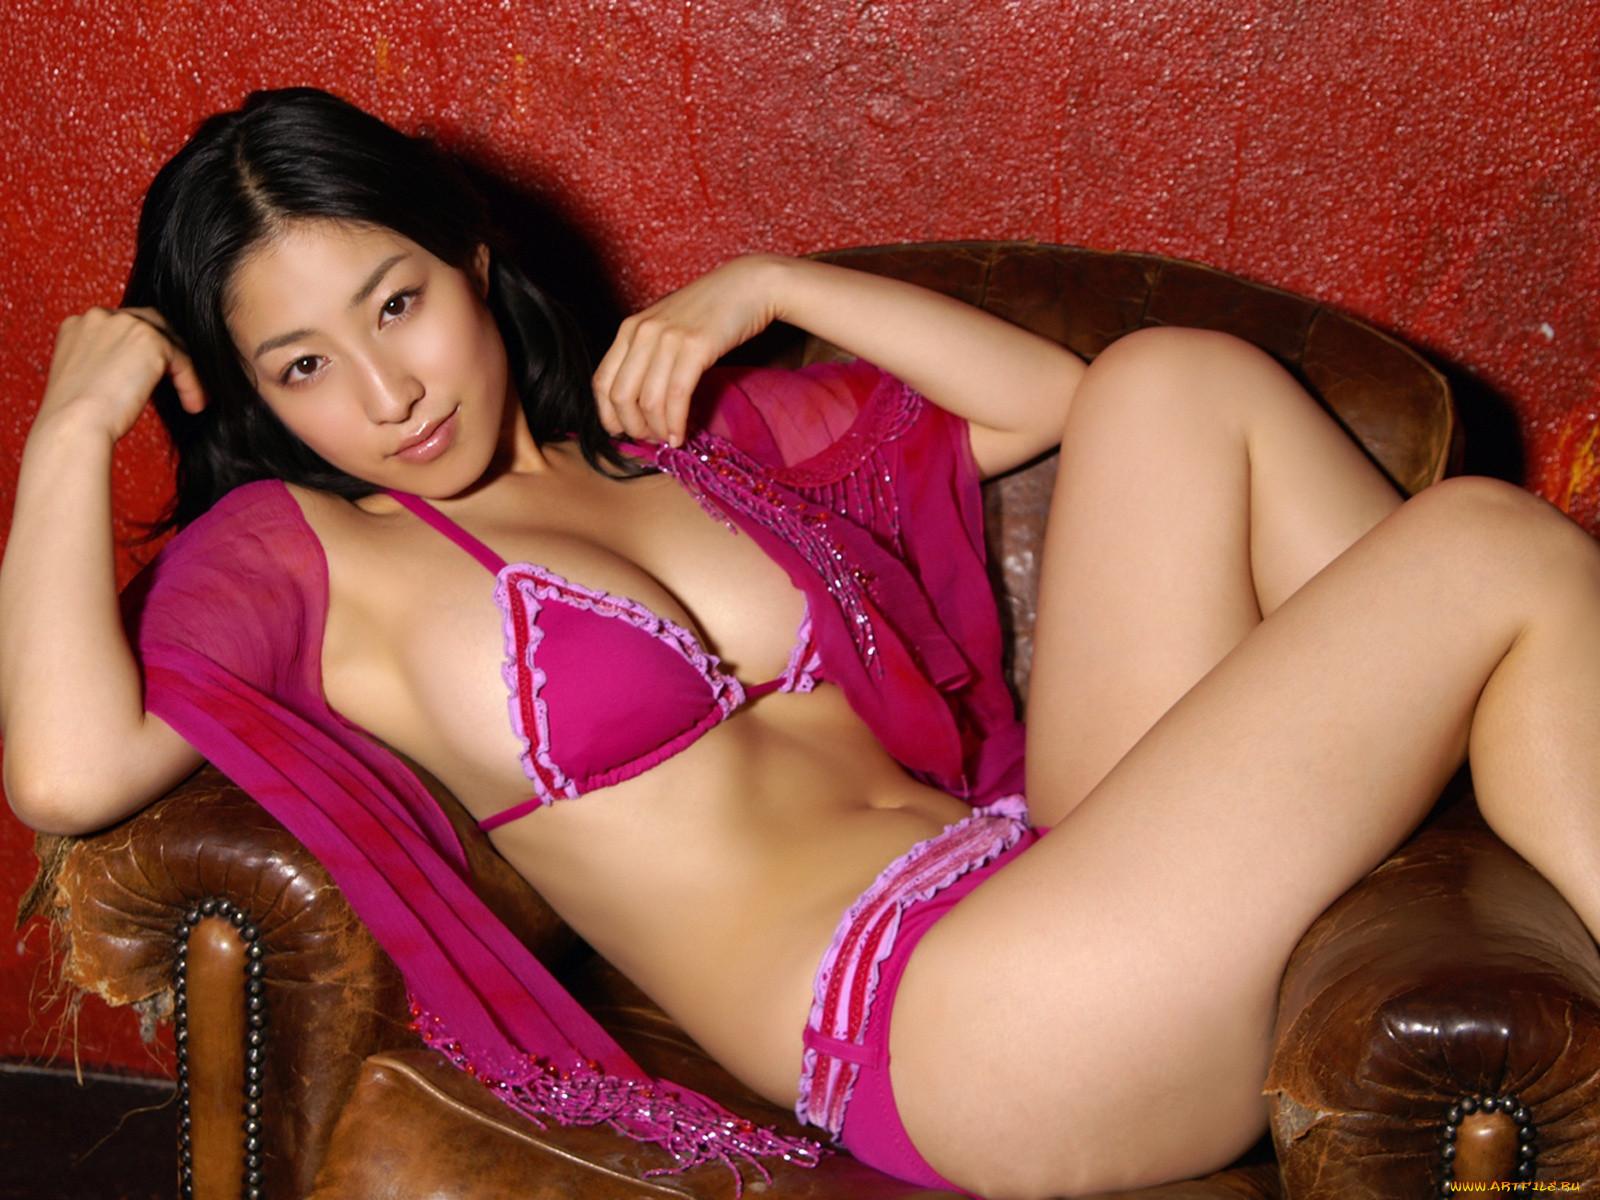 Самые красивые девушки мира откровенные фото китаянок интересна